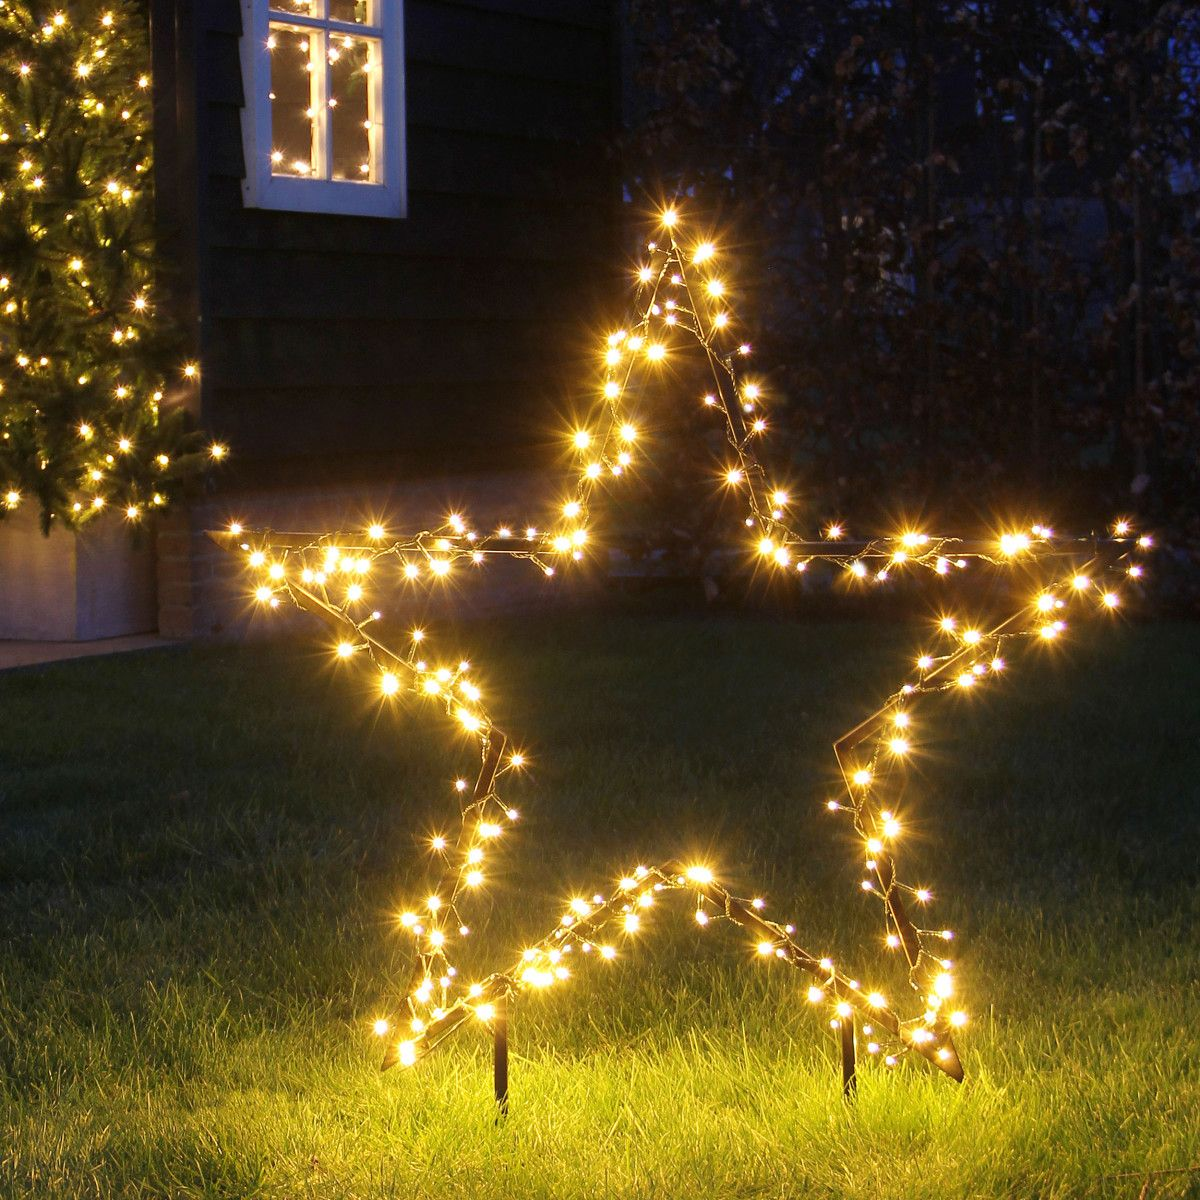 Weihnachtsbeleuchtung Zum Stecken.Pin By Ladendirekt On Weihnachten Christmas Christmas Tree Lighting